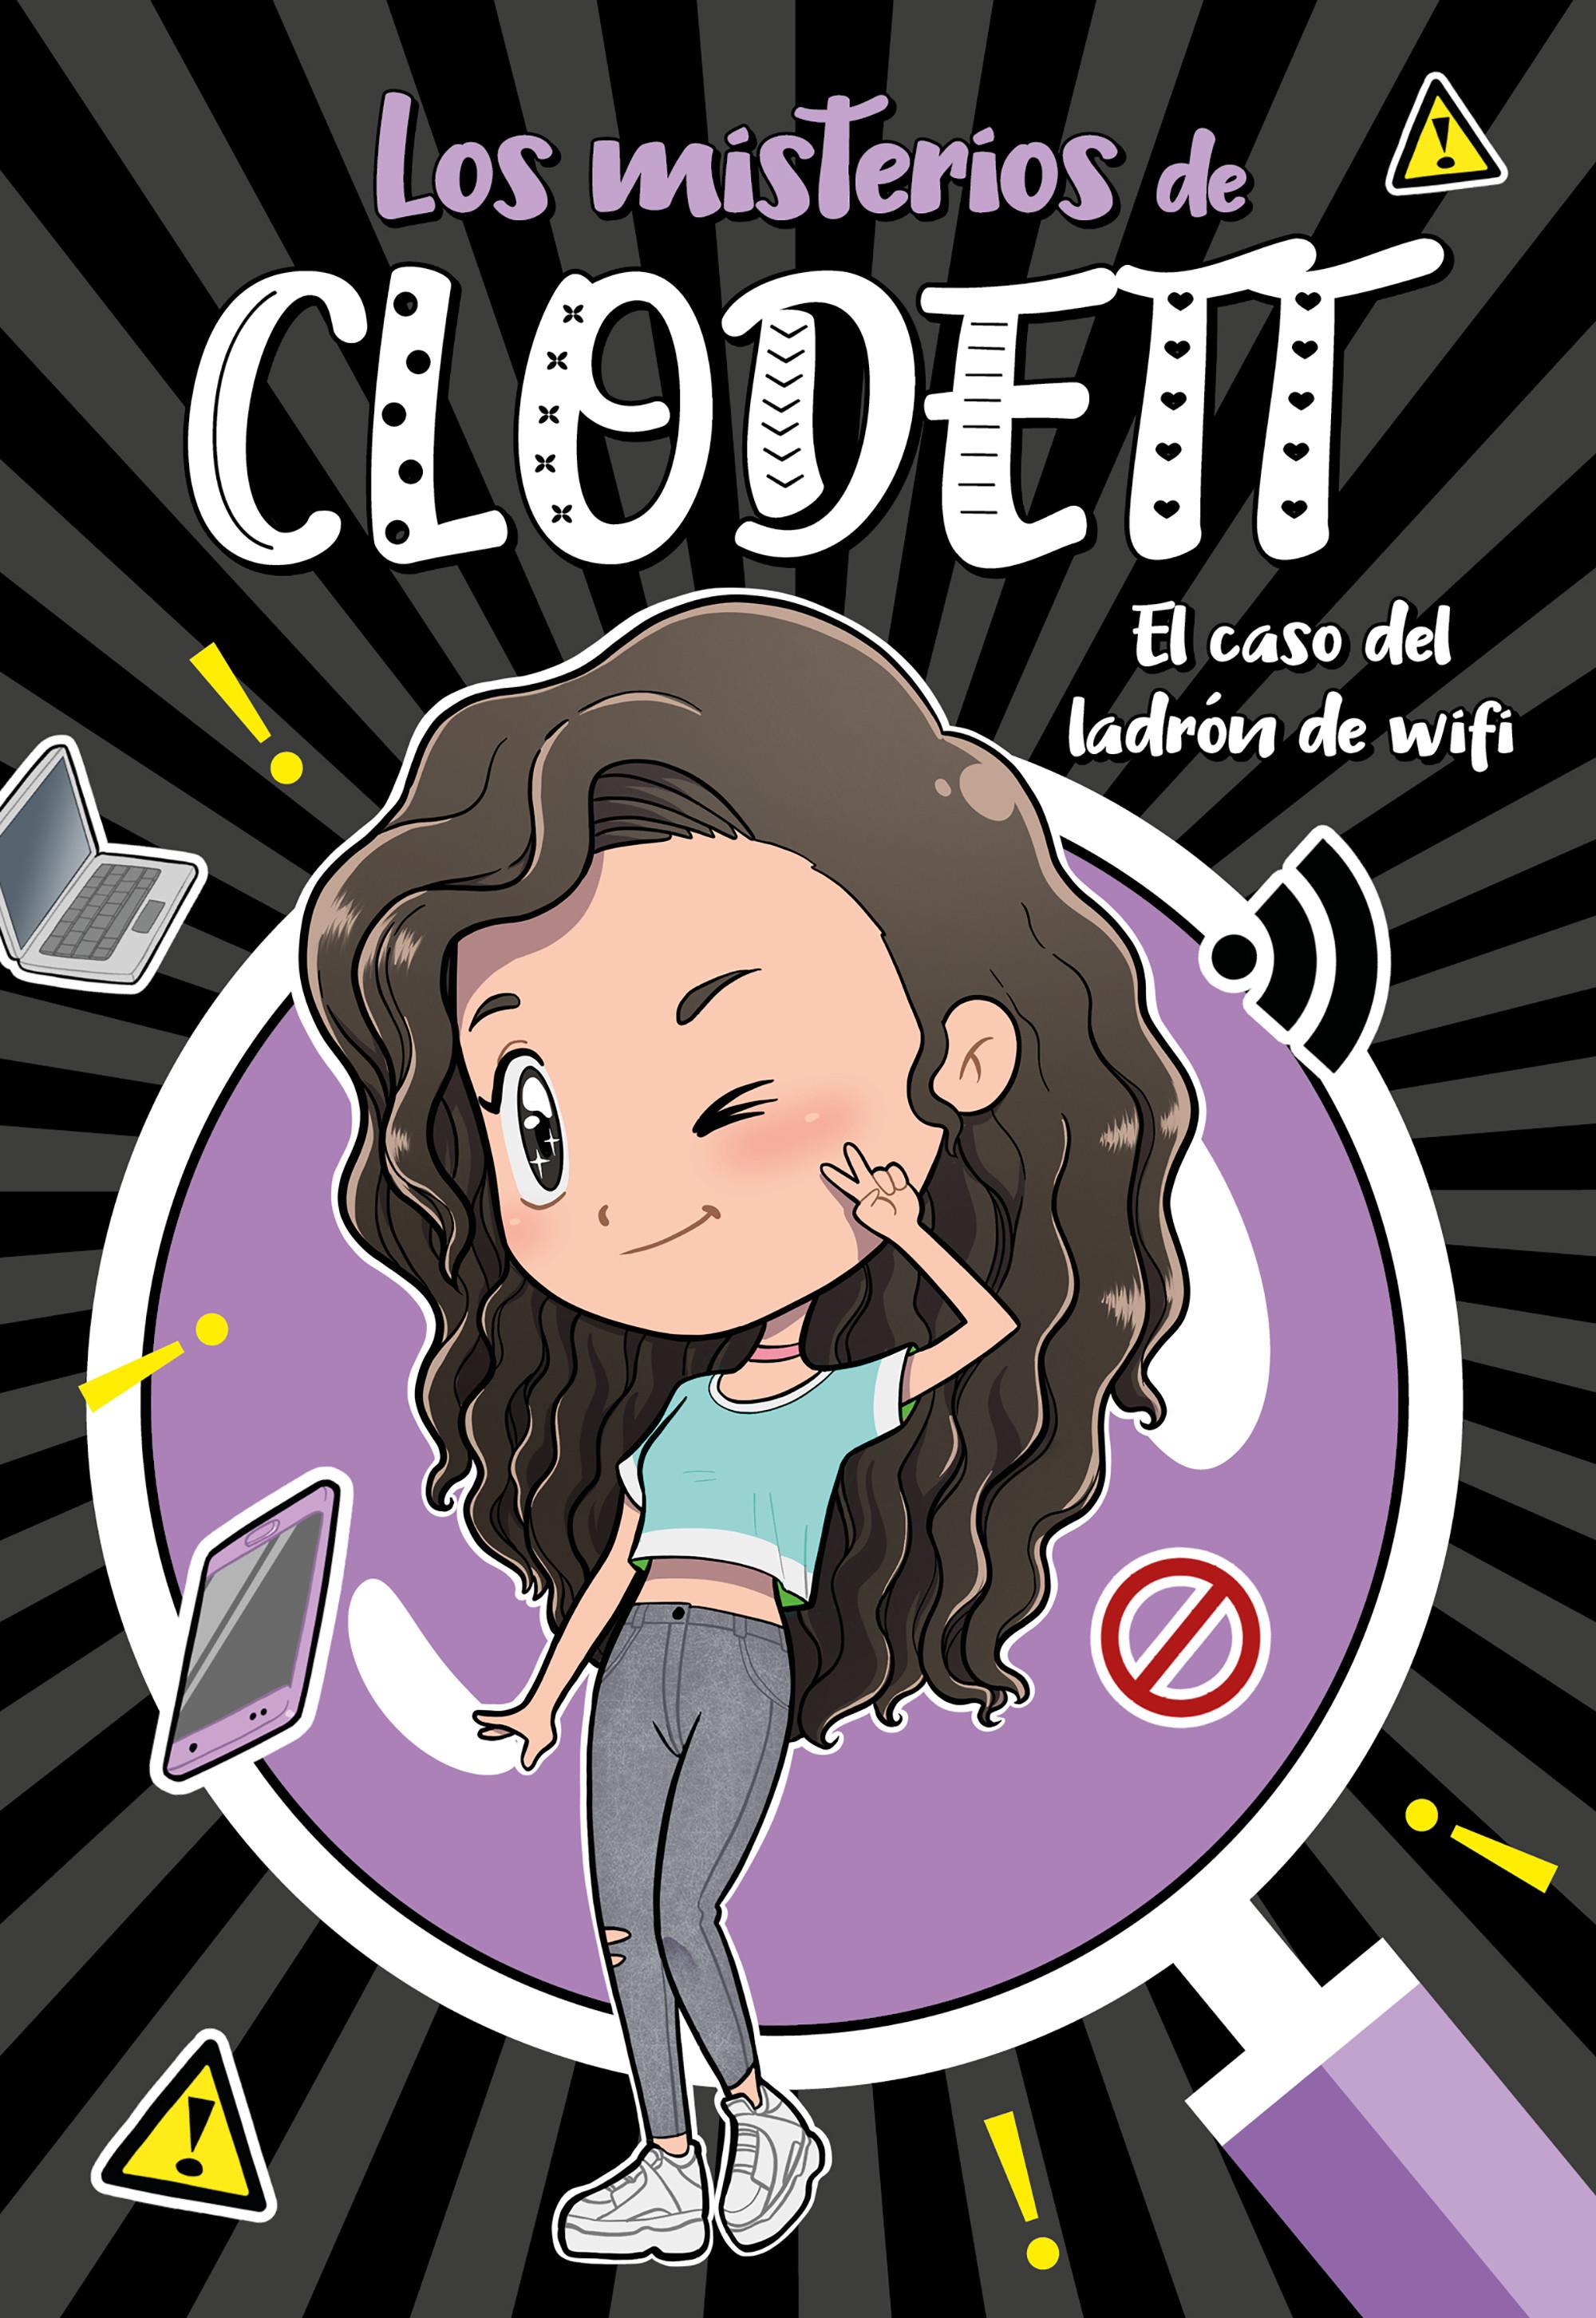 El caso del ladrón de wifi (Misterios de Clodett 1)